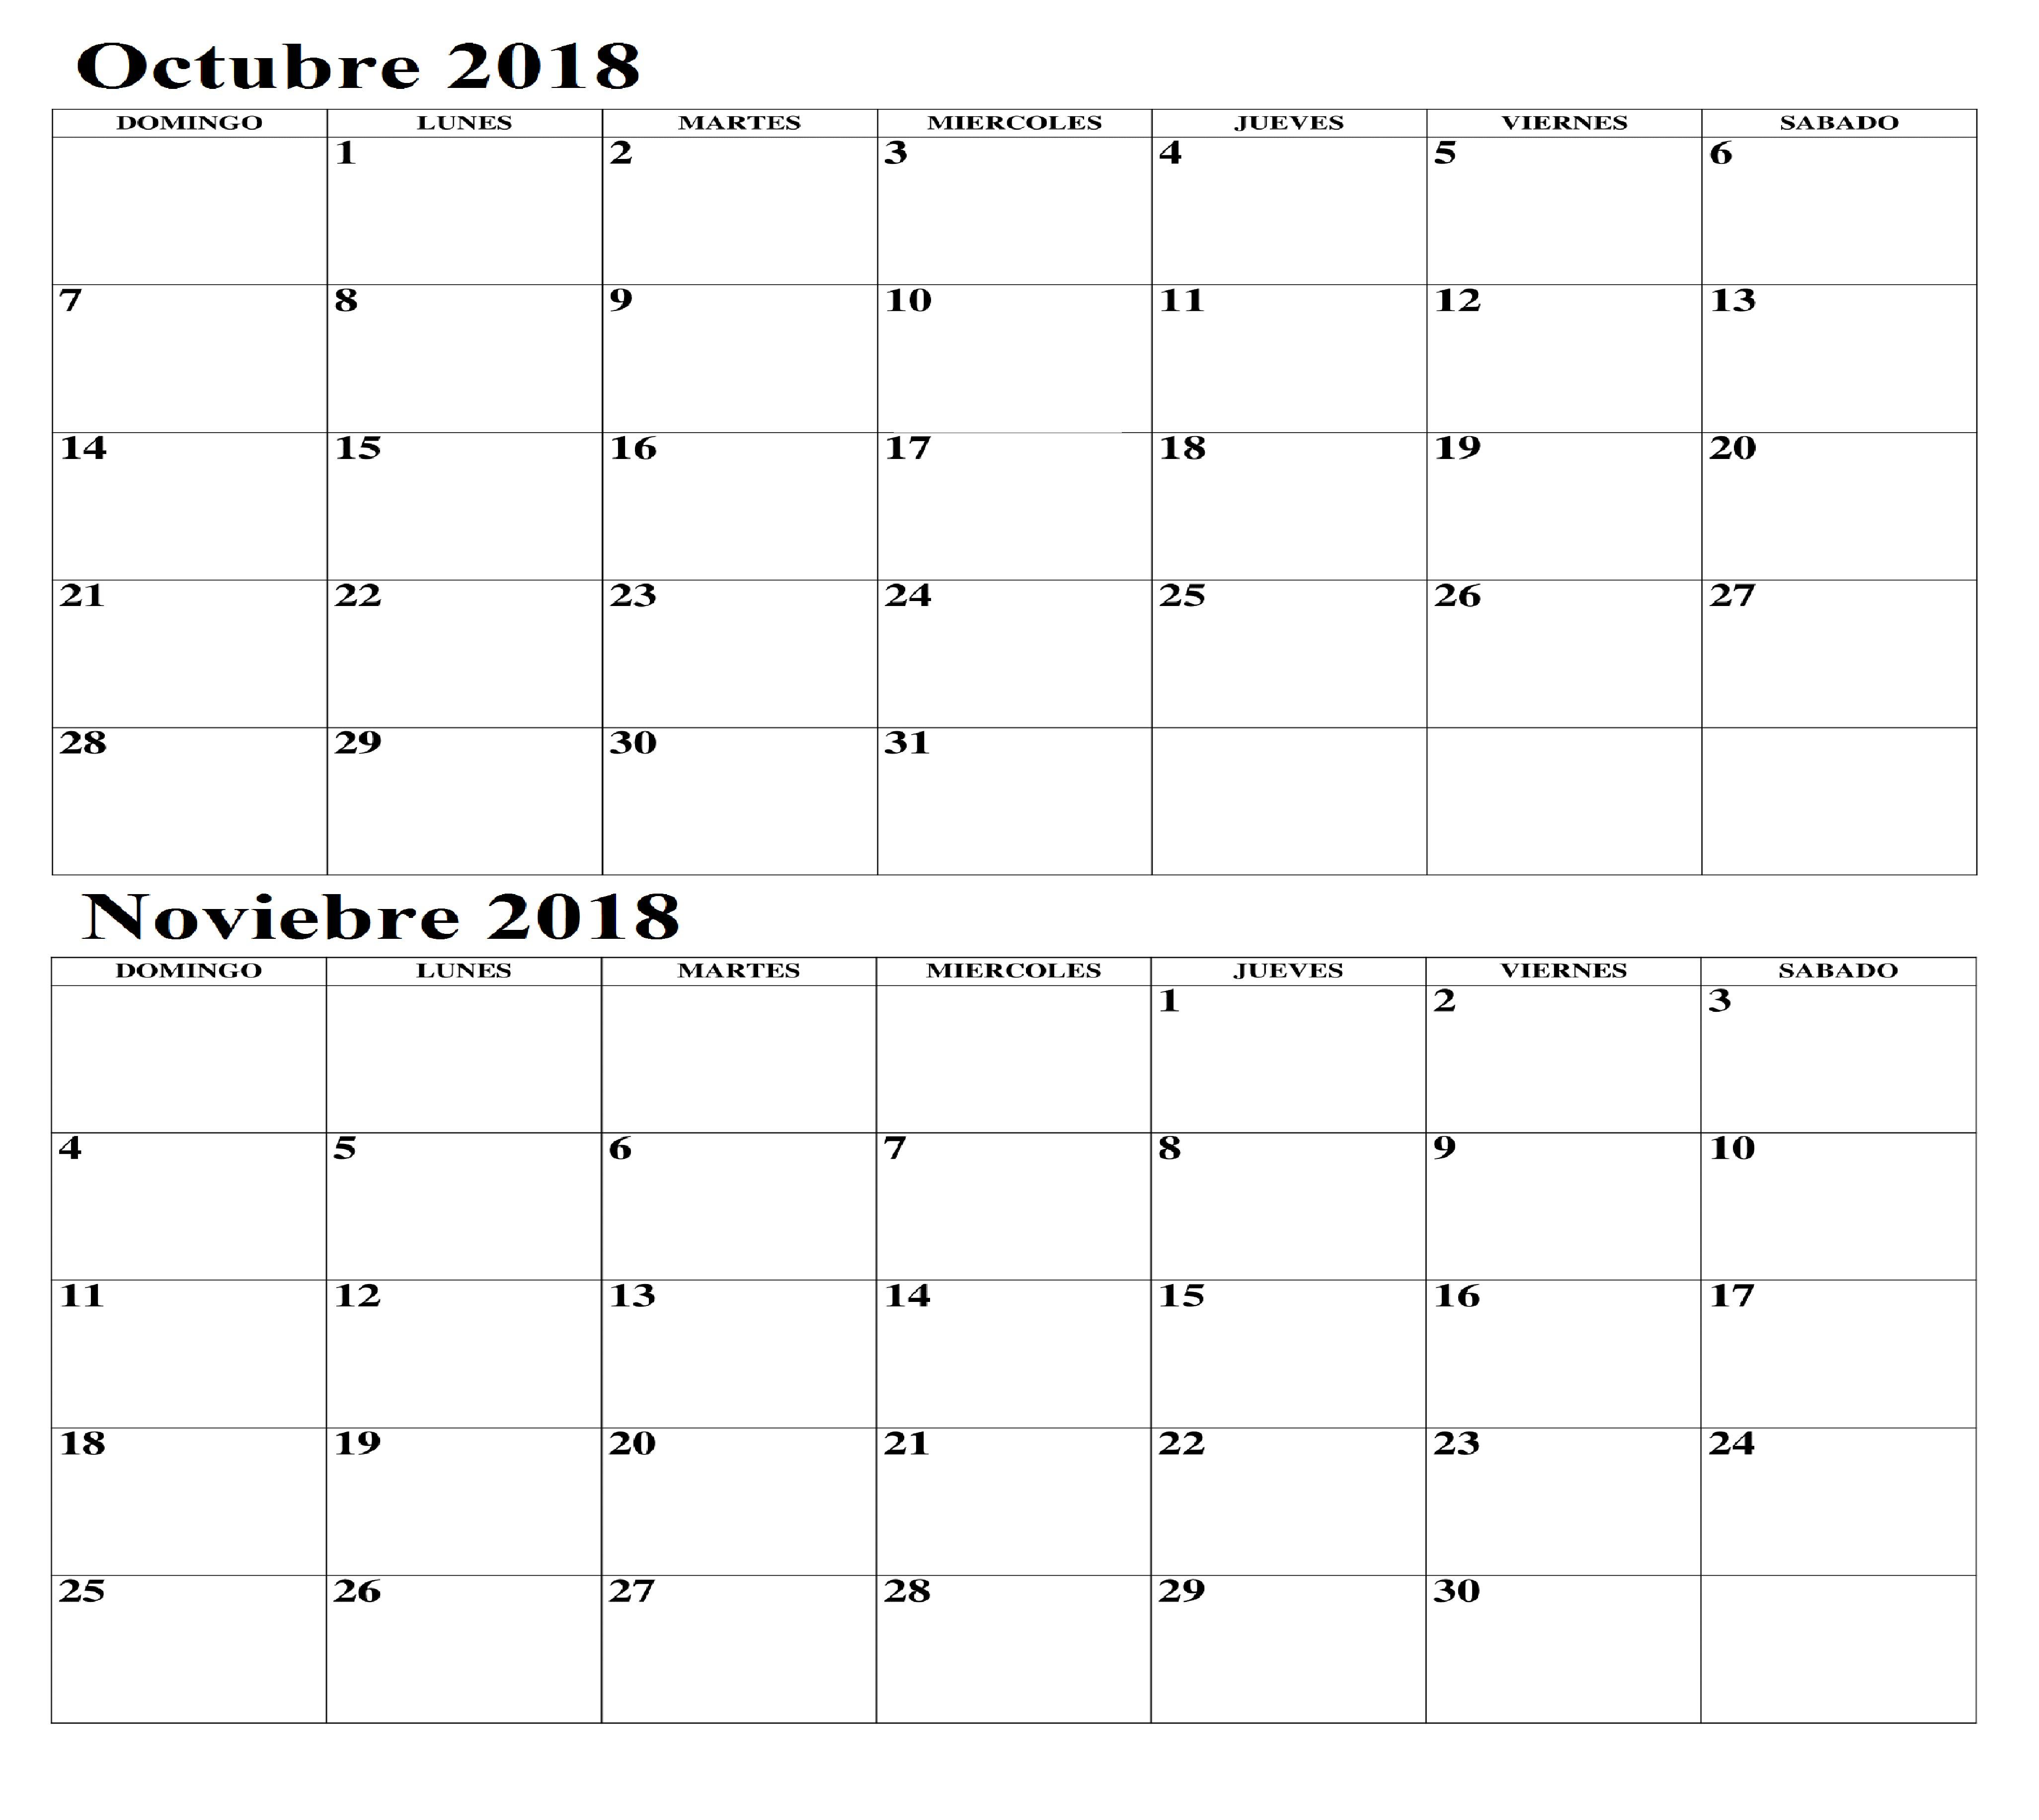 Calendario 2019 Imprimir Personalizado Más Recientes Best Calendario Mes De Octubre Y Noviembre 2018 Image Collection Of Calendario 2019 Imprimir Personalizado Mejores Y Más Novedosos Pack Descargable Planifica Tu A±o 2016 Planificador